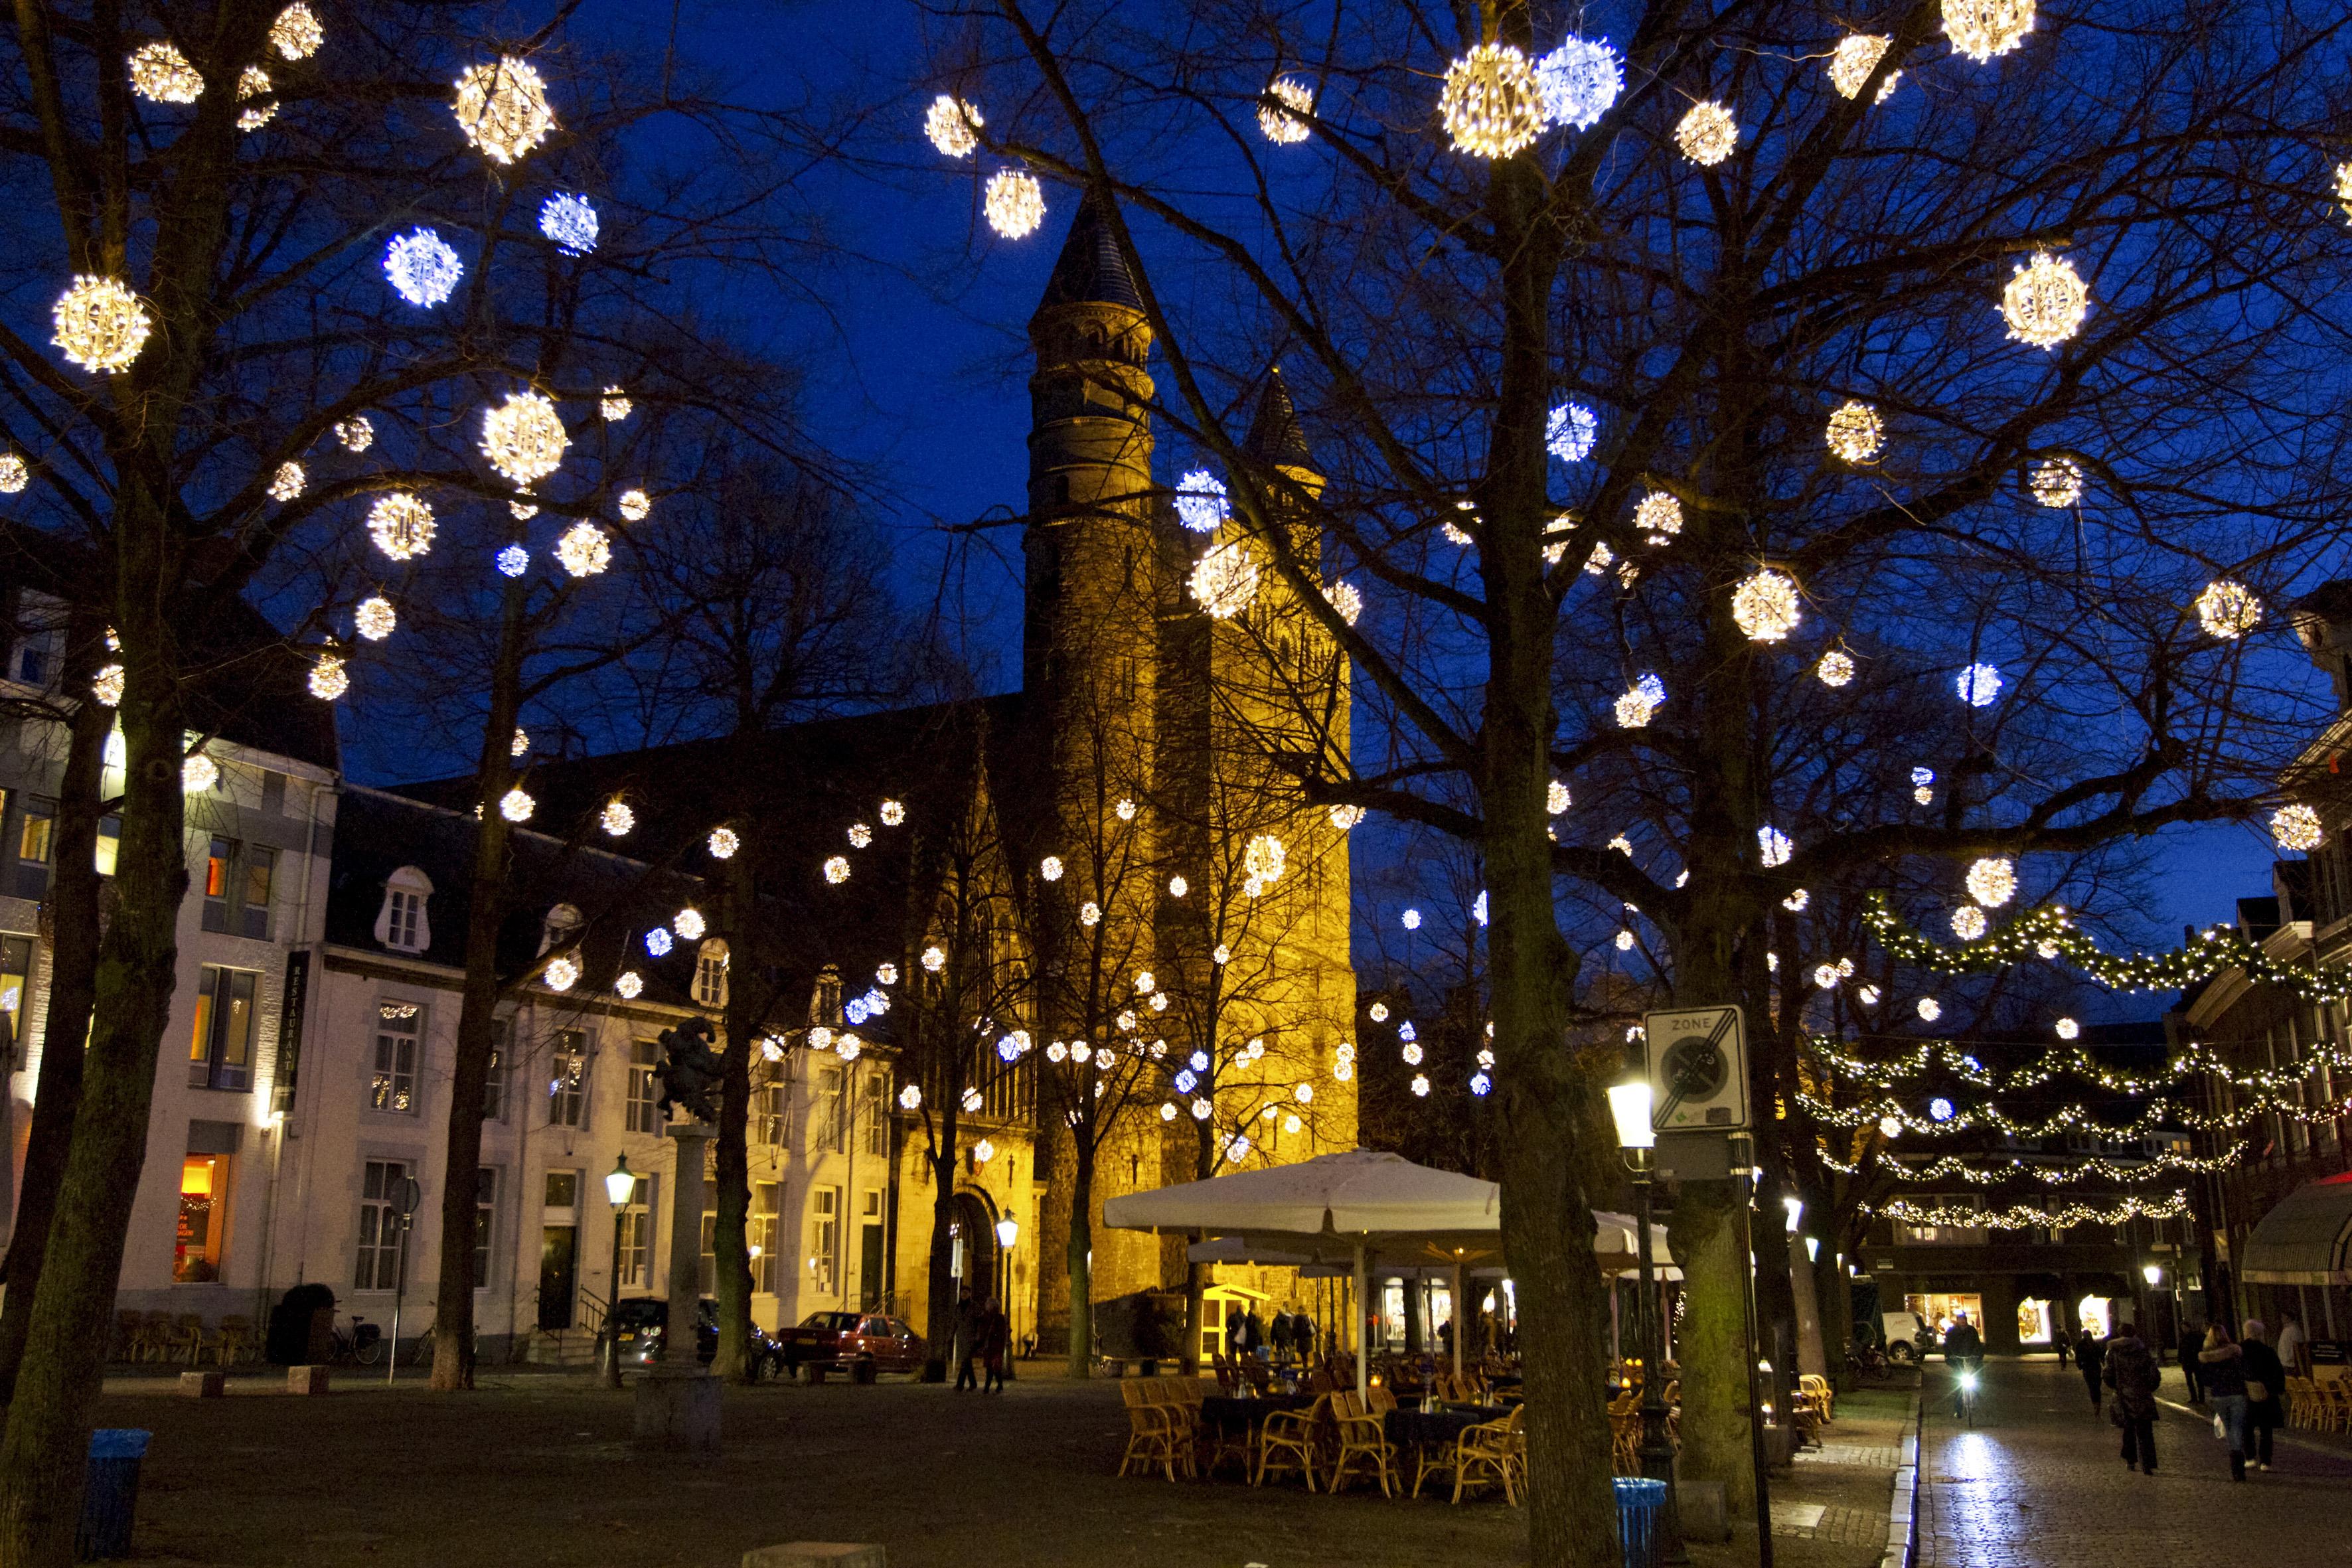 Avontuur Limburg leverancier van Magische verlichting ...